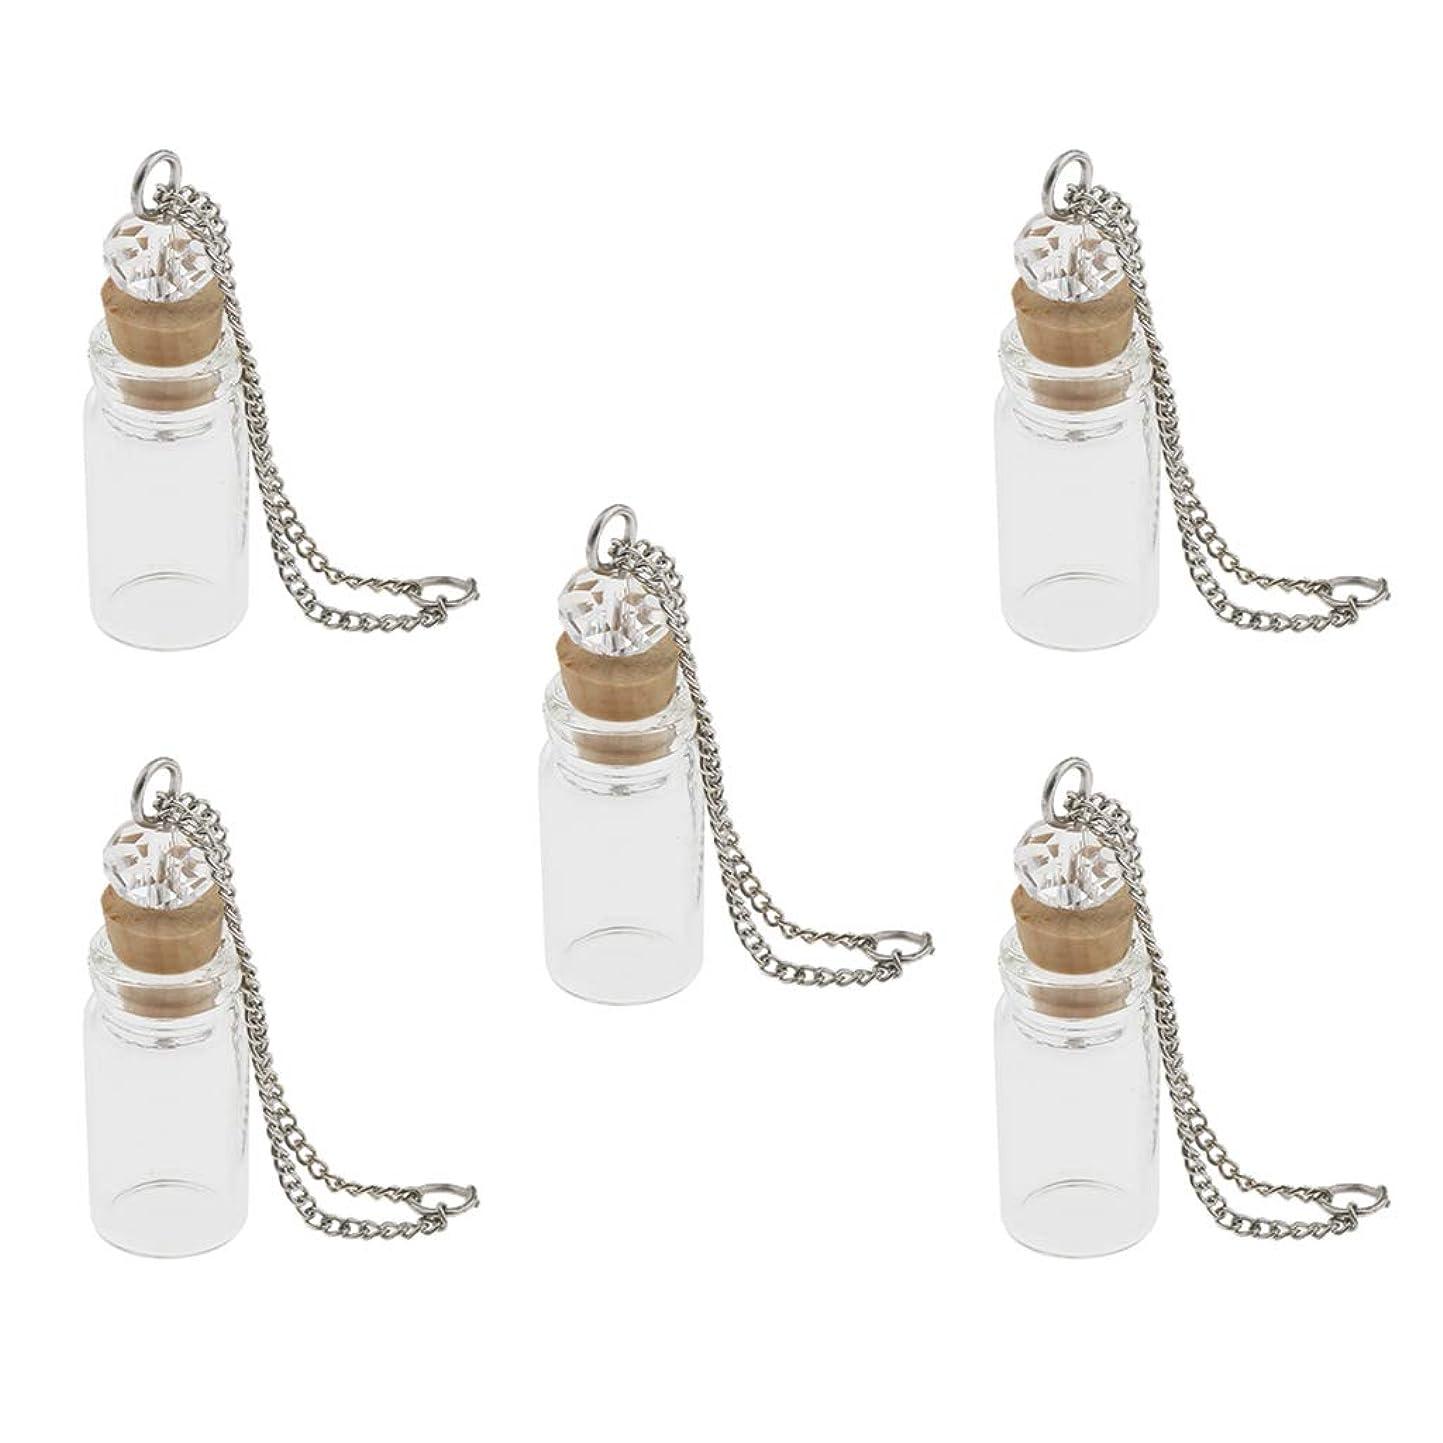 デイジー兄弟愛誠実さBaoblaze 5個 ガラス製 ミニボトル 香水瓶 オイル バイアル ペンダント DIY 2タイプ選べ - 1mlクリア